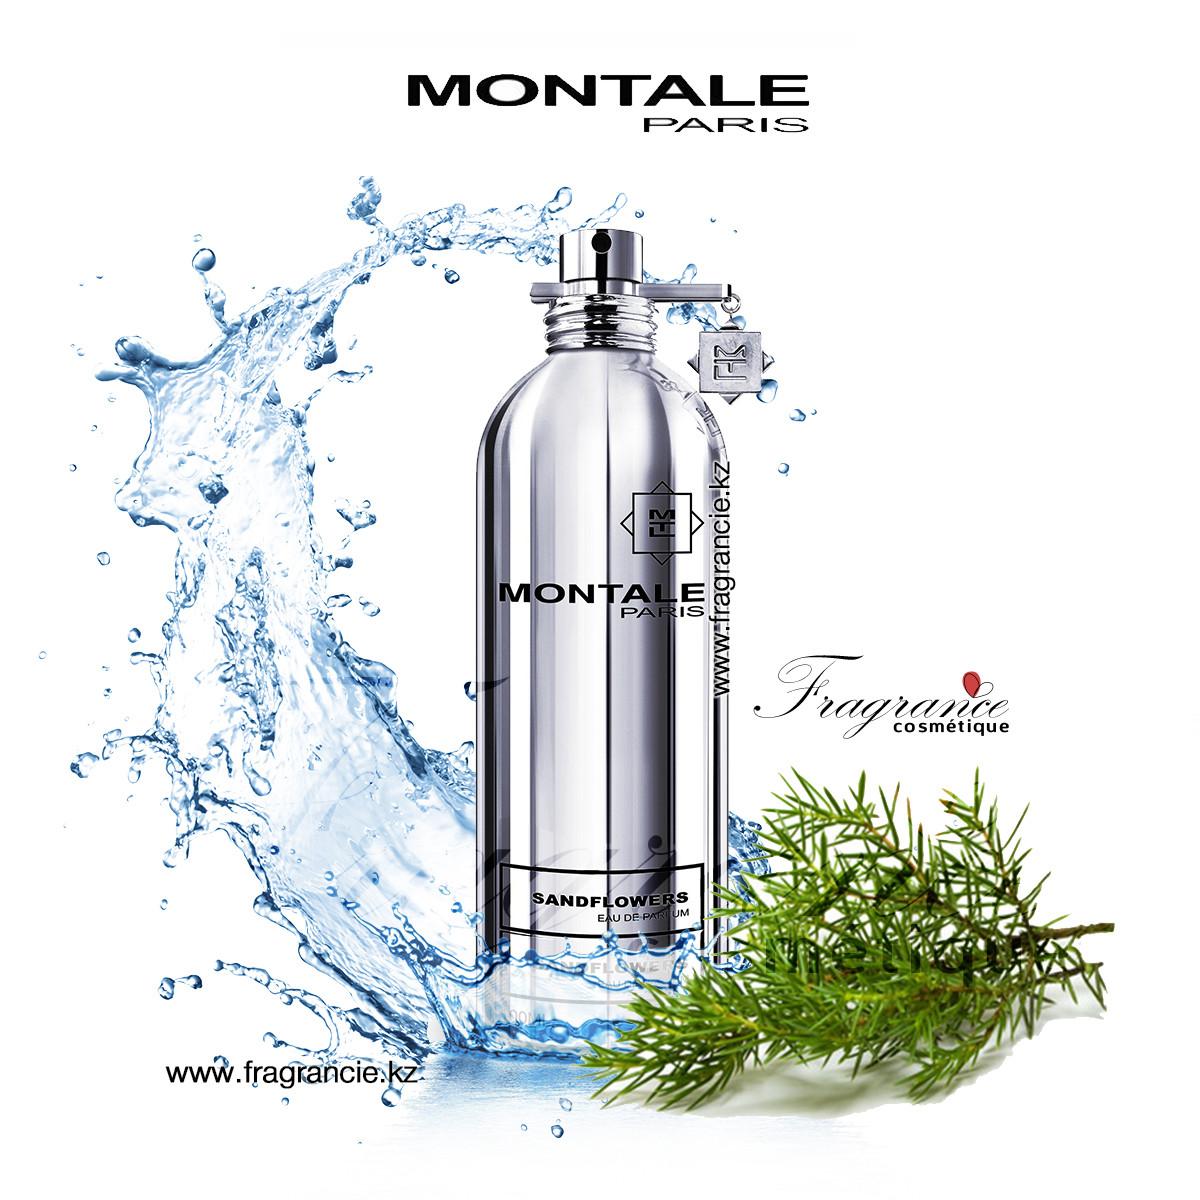 Парфюм Montale SandFlower 100ml (Оригинал-Франция)